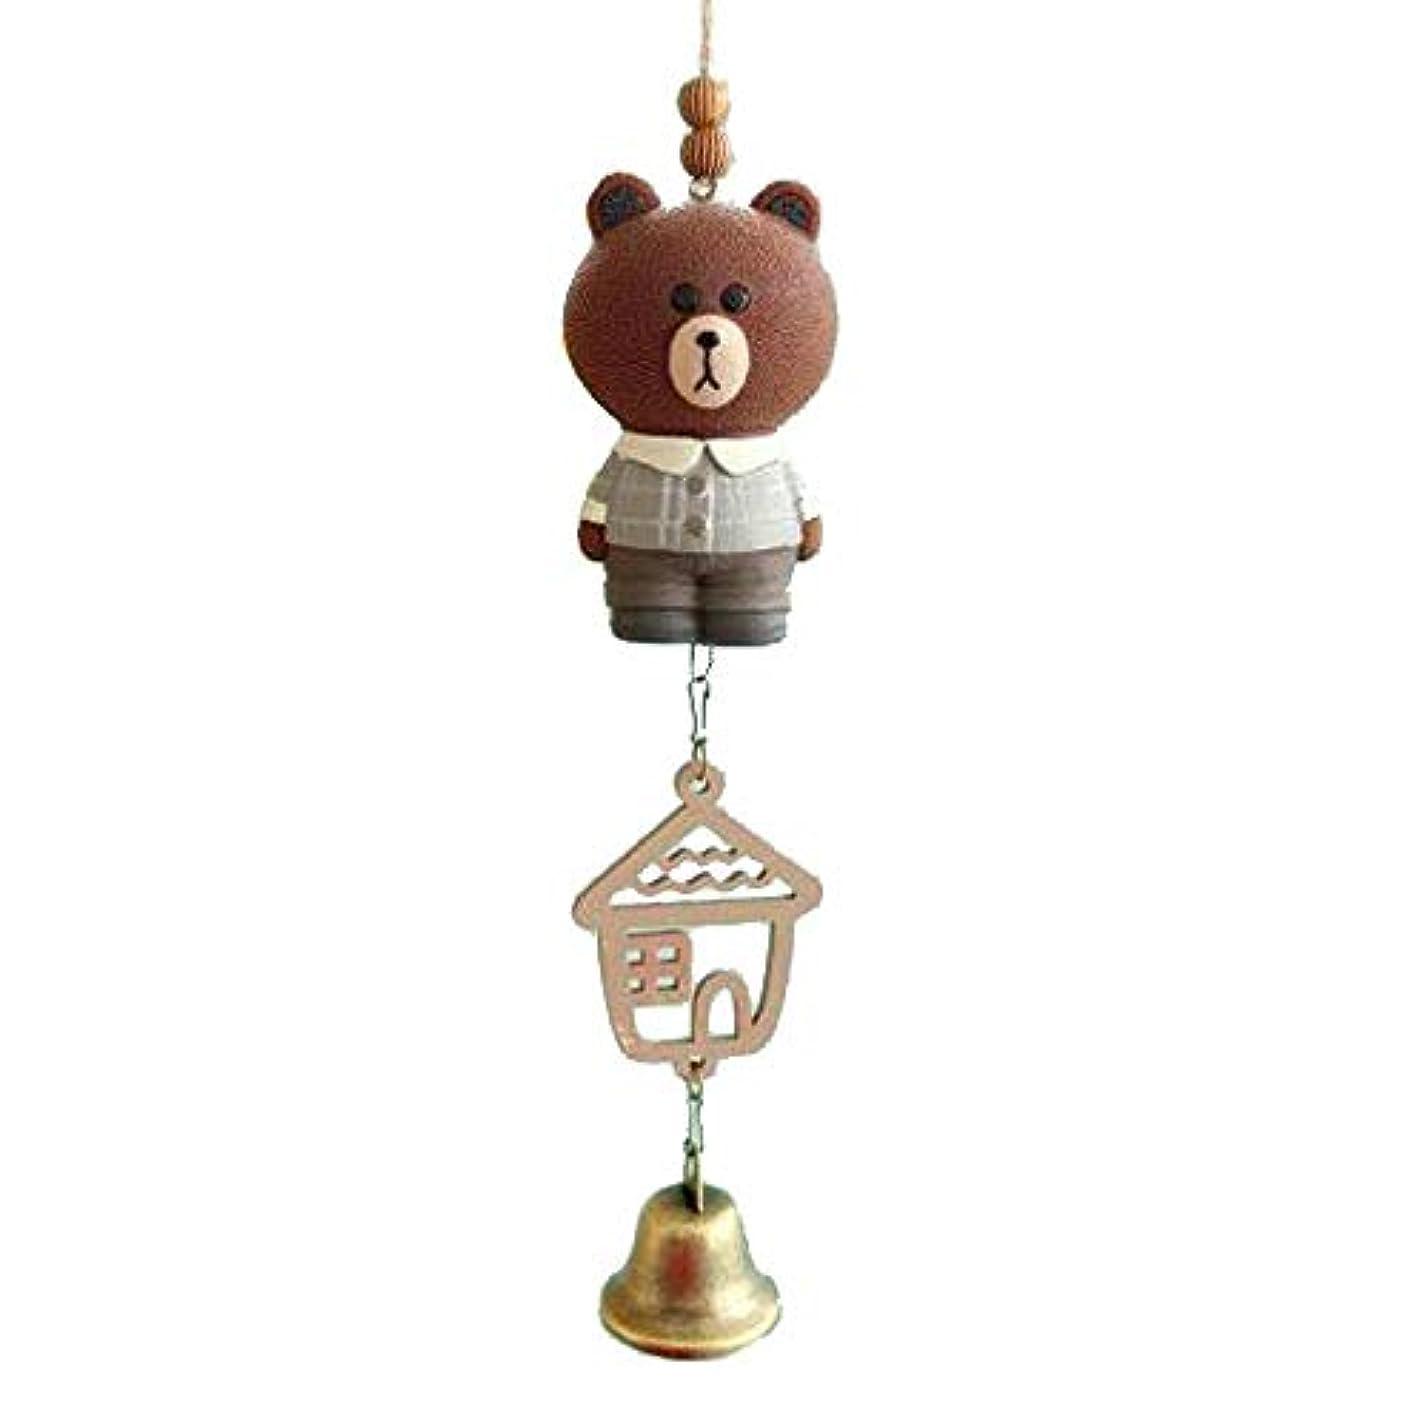 恒久的バンダイヤモンドJielongtongxun 風チャイム、クリエイティブかわいい動物風チャイム、ブラウン、サイズ22 * 5CM,絶妙な飾り (Color : Brown)